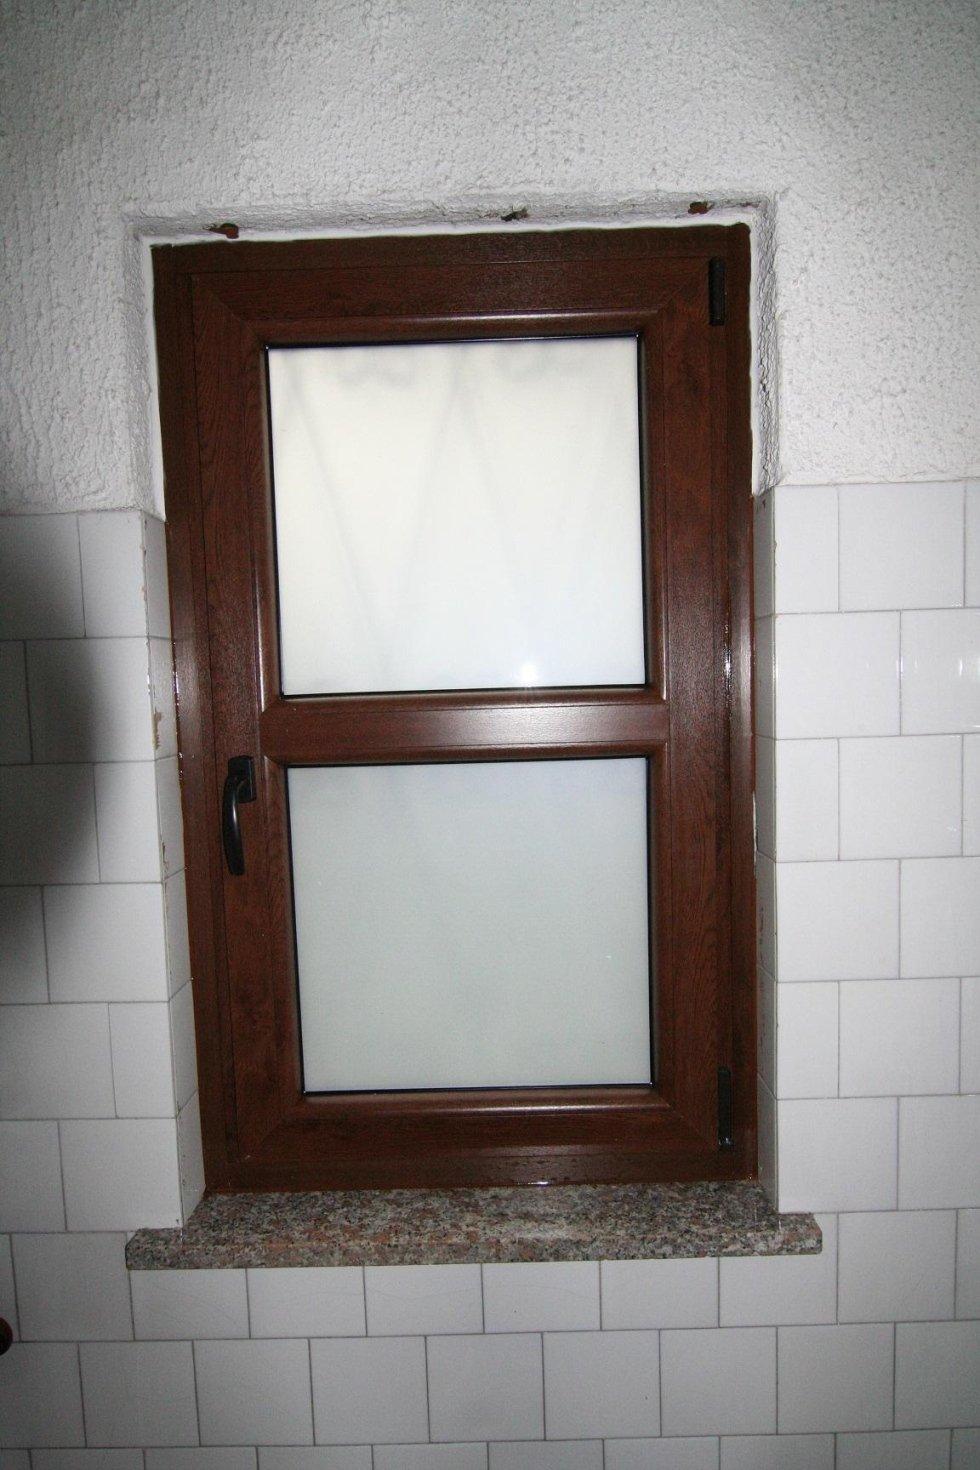 finestra in legno con maniglia marrone